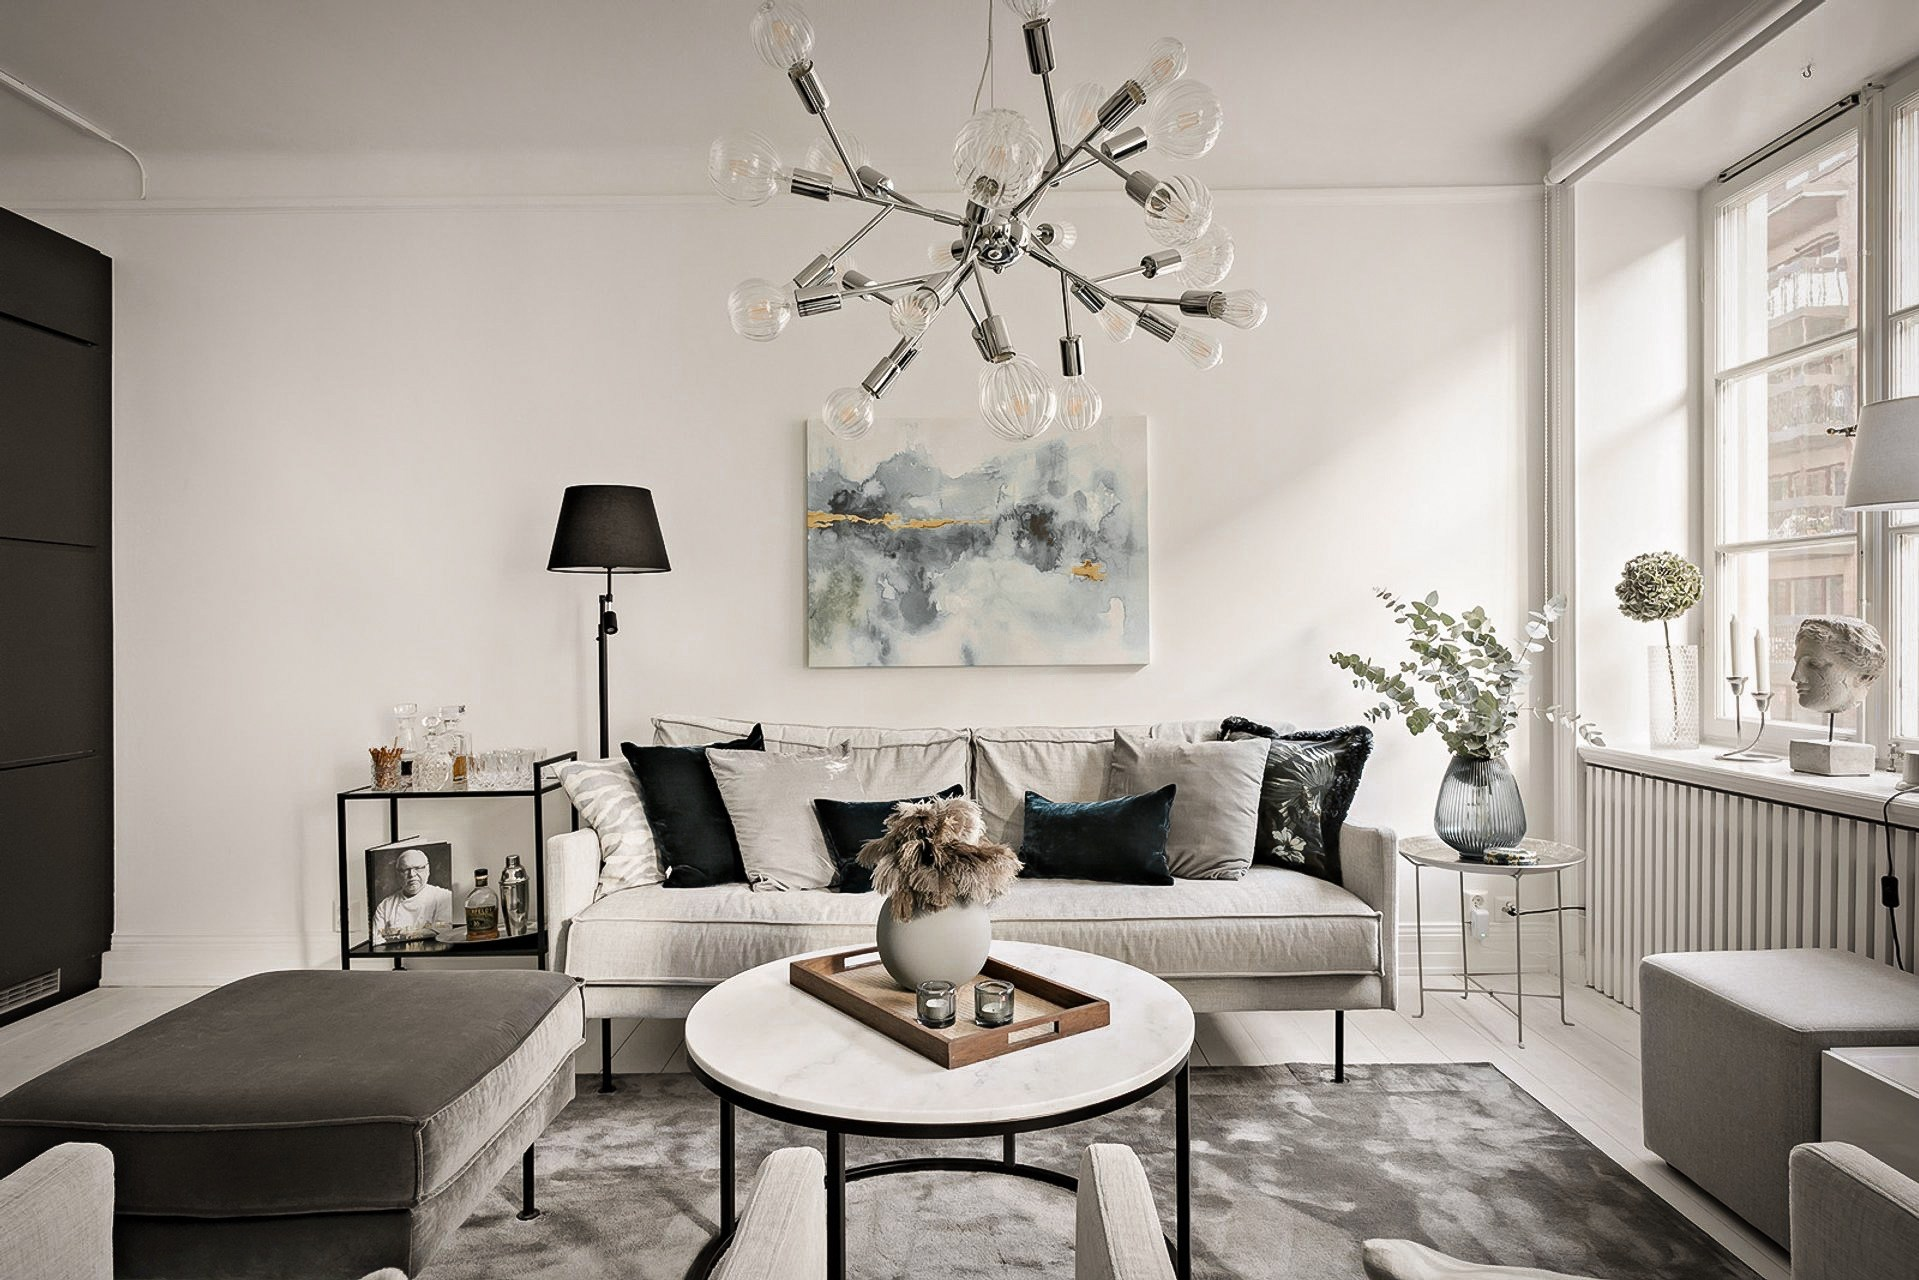 Estetica мебель для вашего интерьера